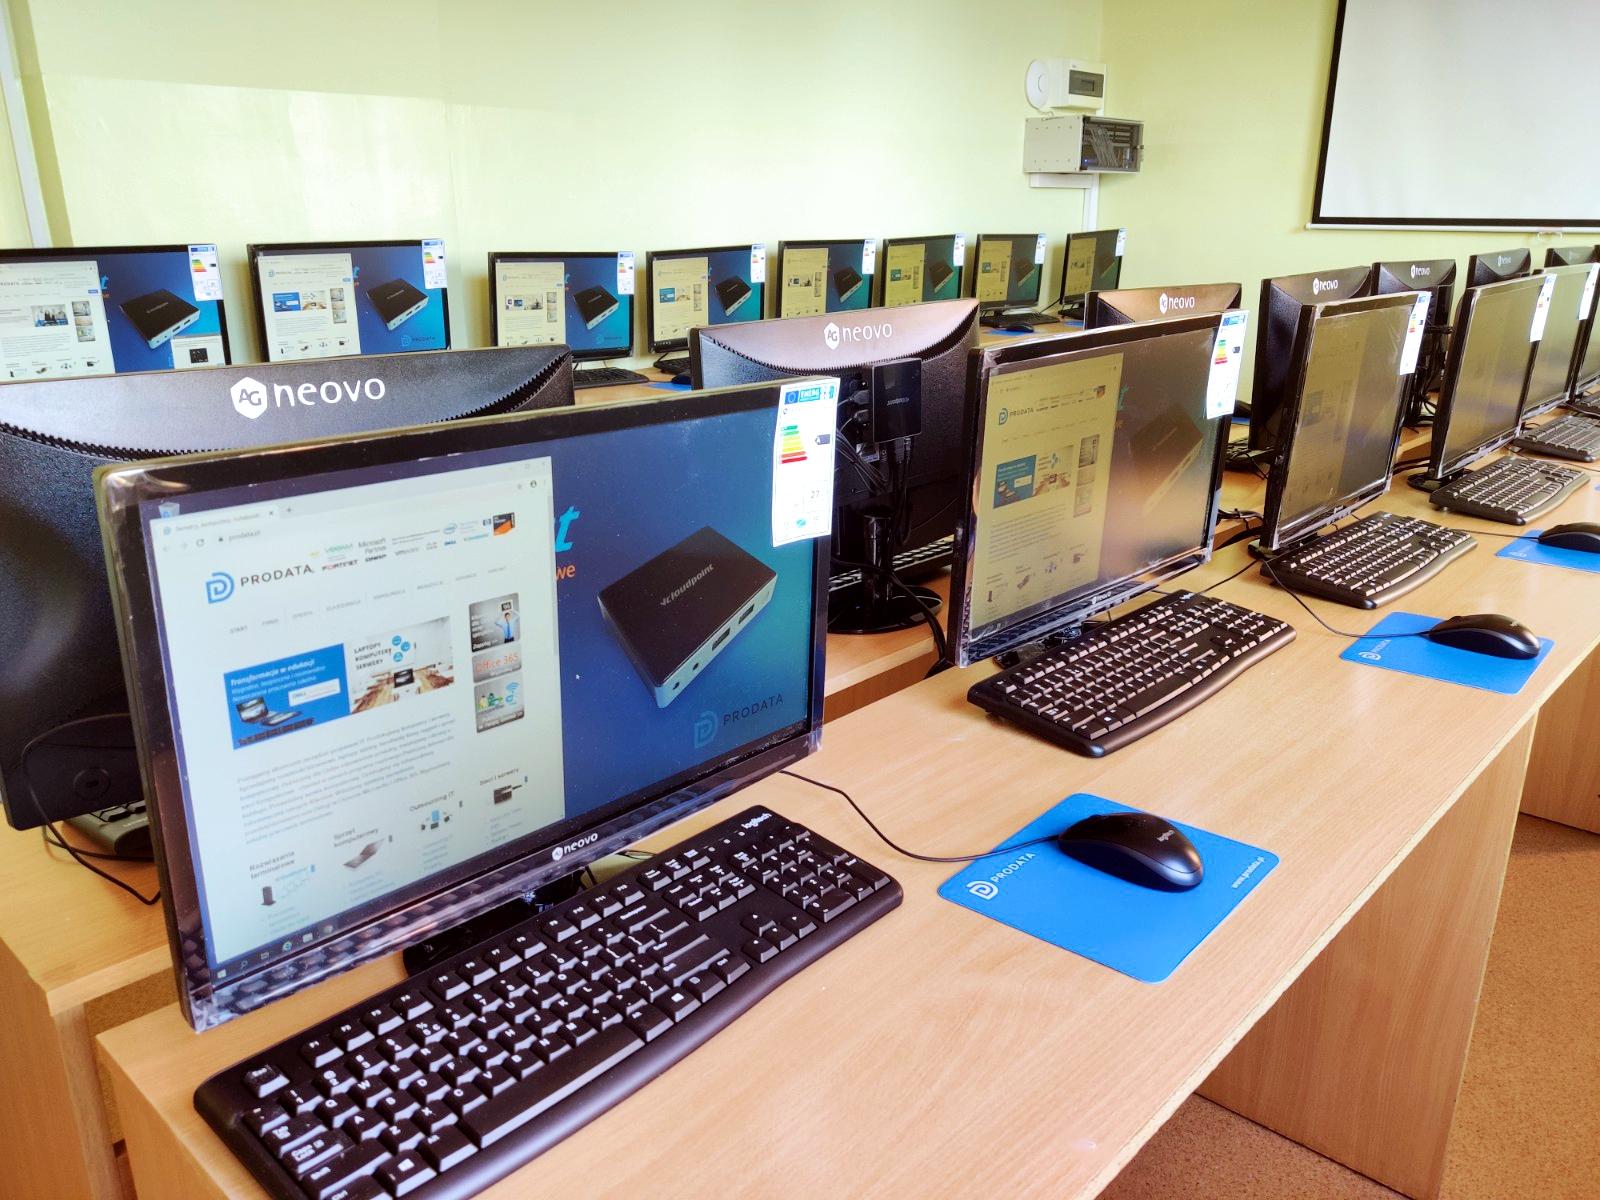 Pracownia terminalowa - terminale komputerowe vCloudPoint w Głuchowie